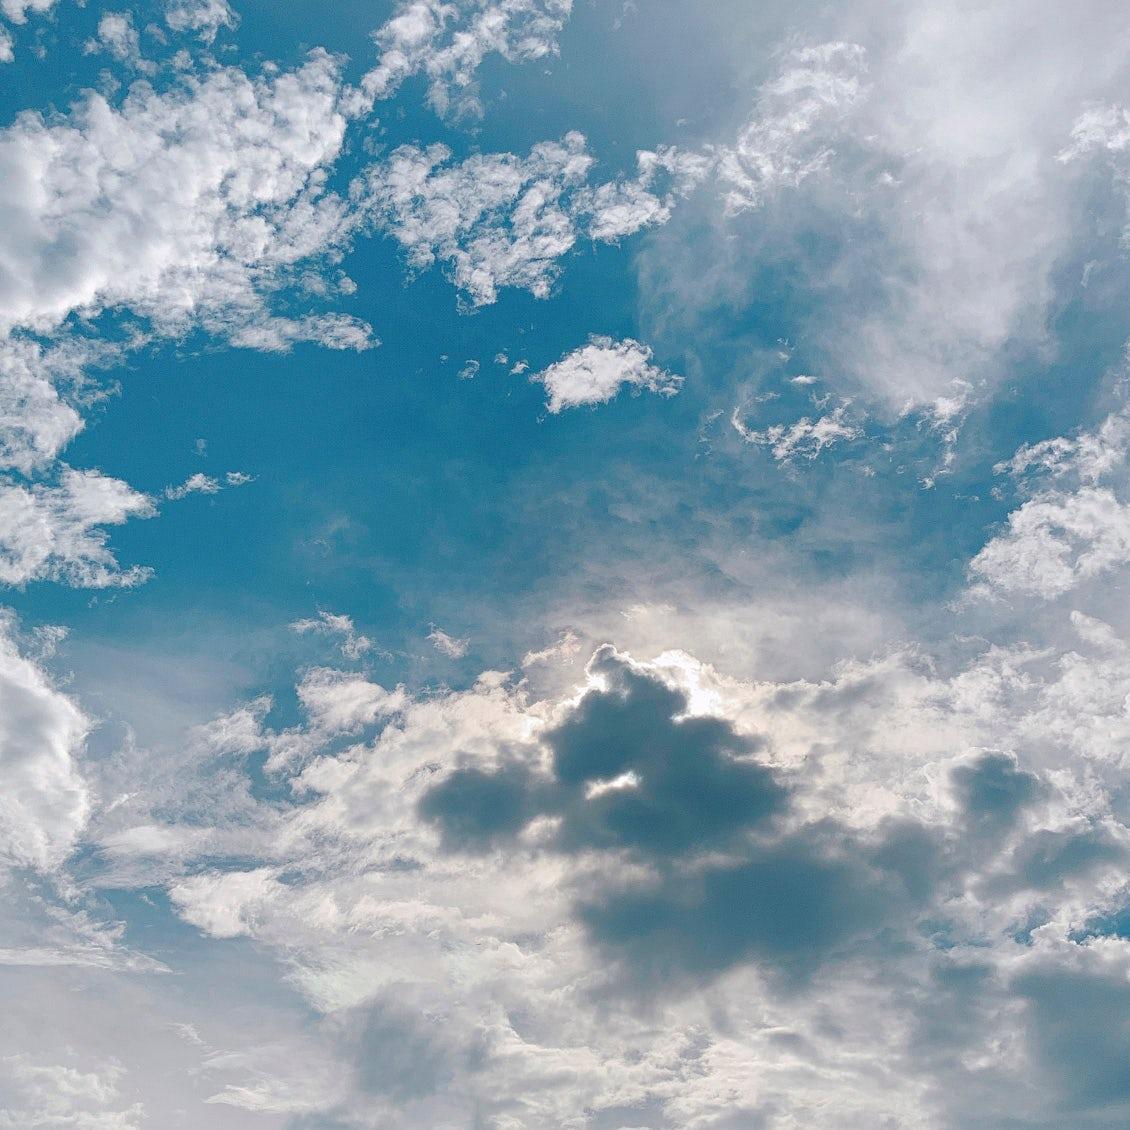 【スタッフコラム】最近の空はひときわ綺麗です